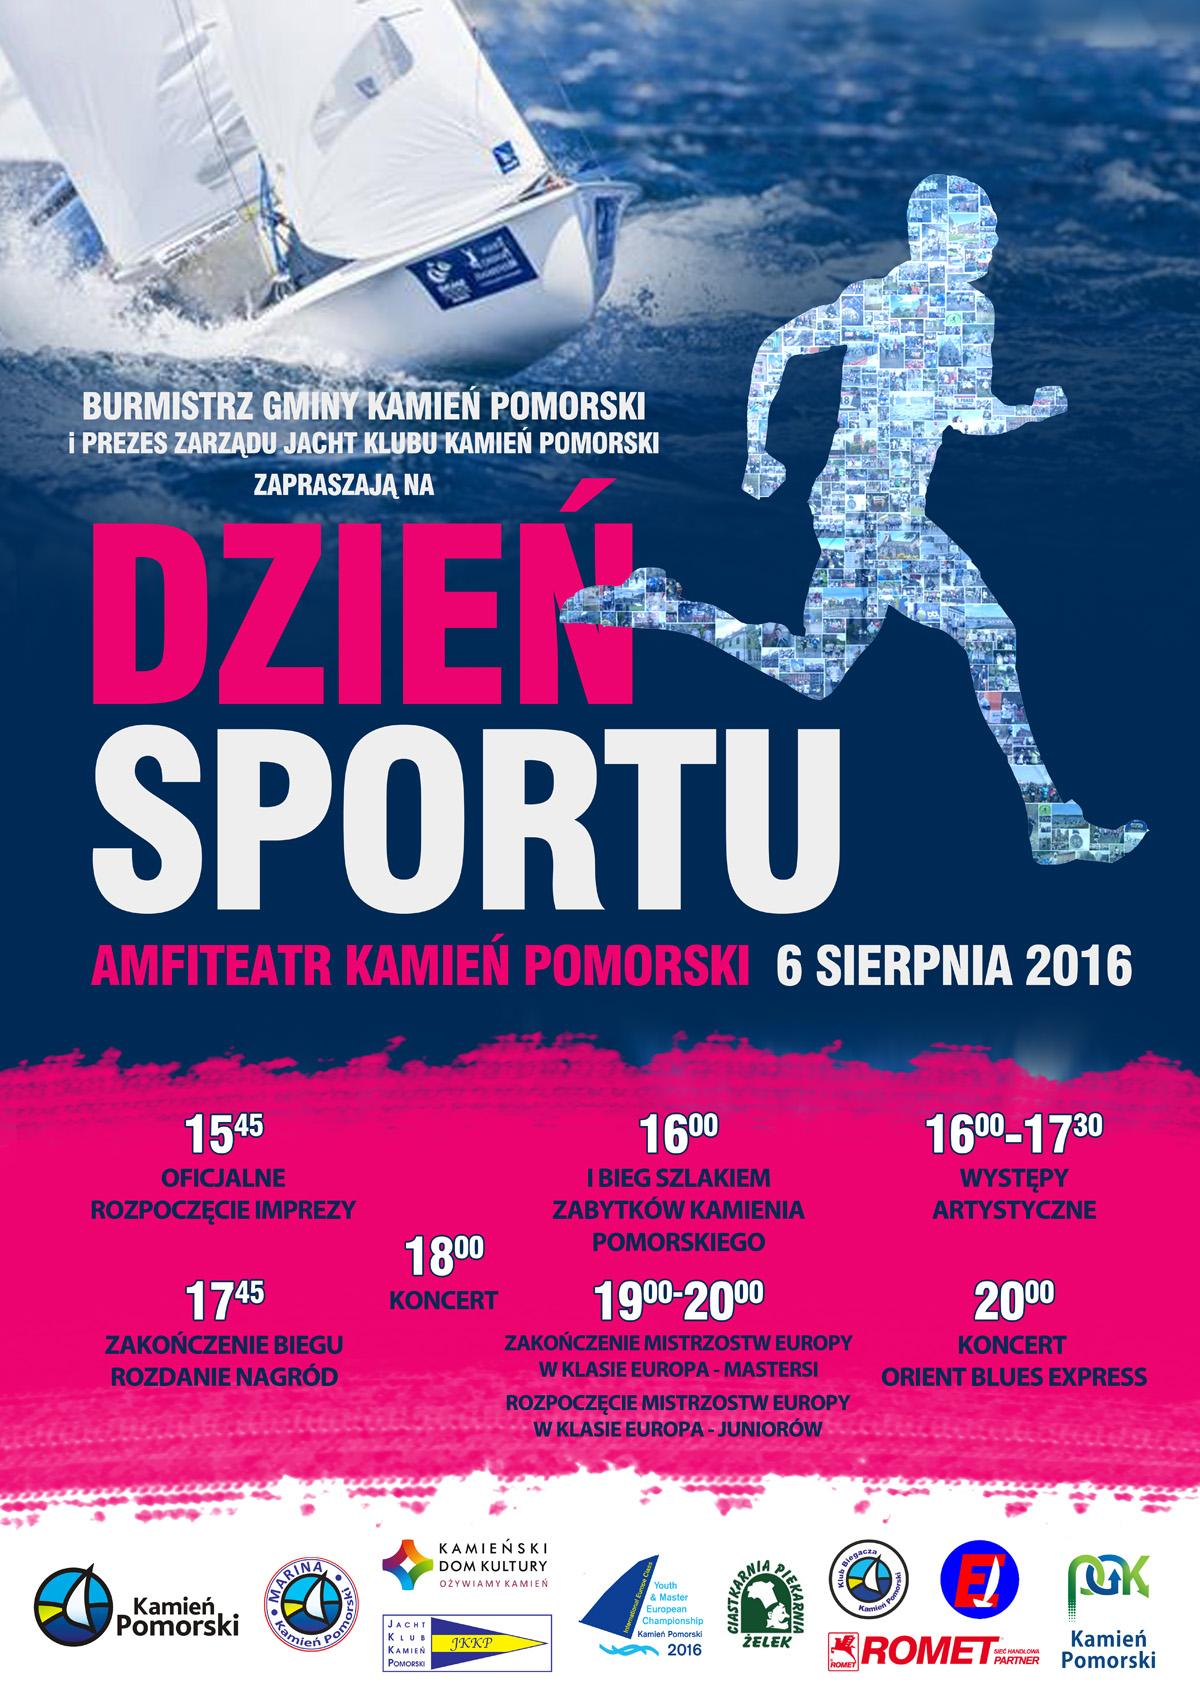 I Bieg Szlakiem Zabytków Kamienia Pomorskiego & Mistrzostwa Europy w Klasie Europa